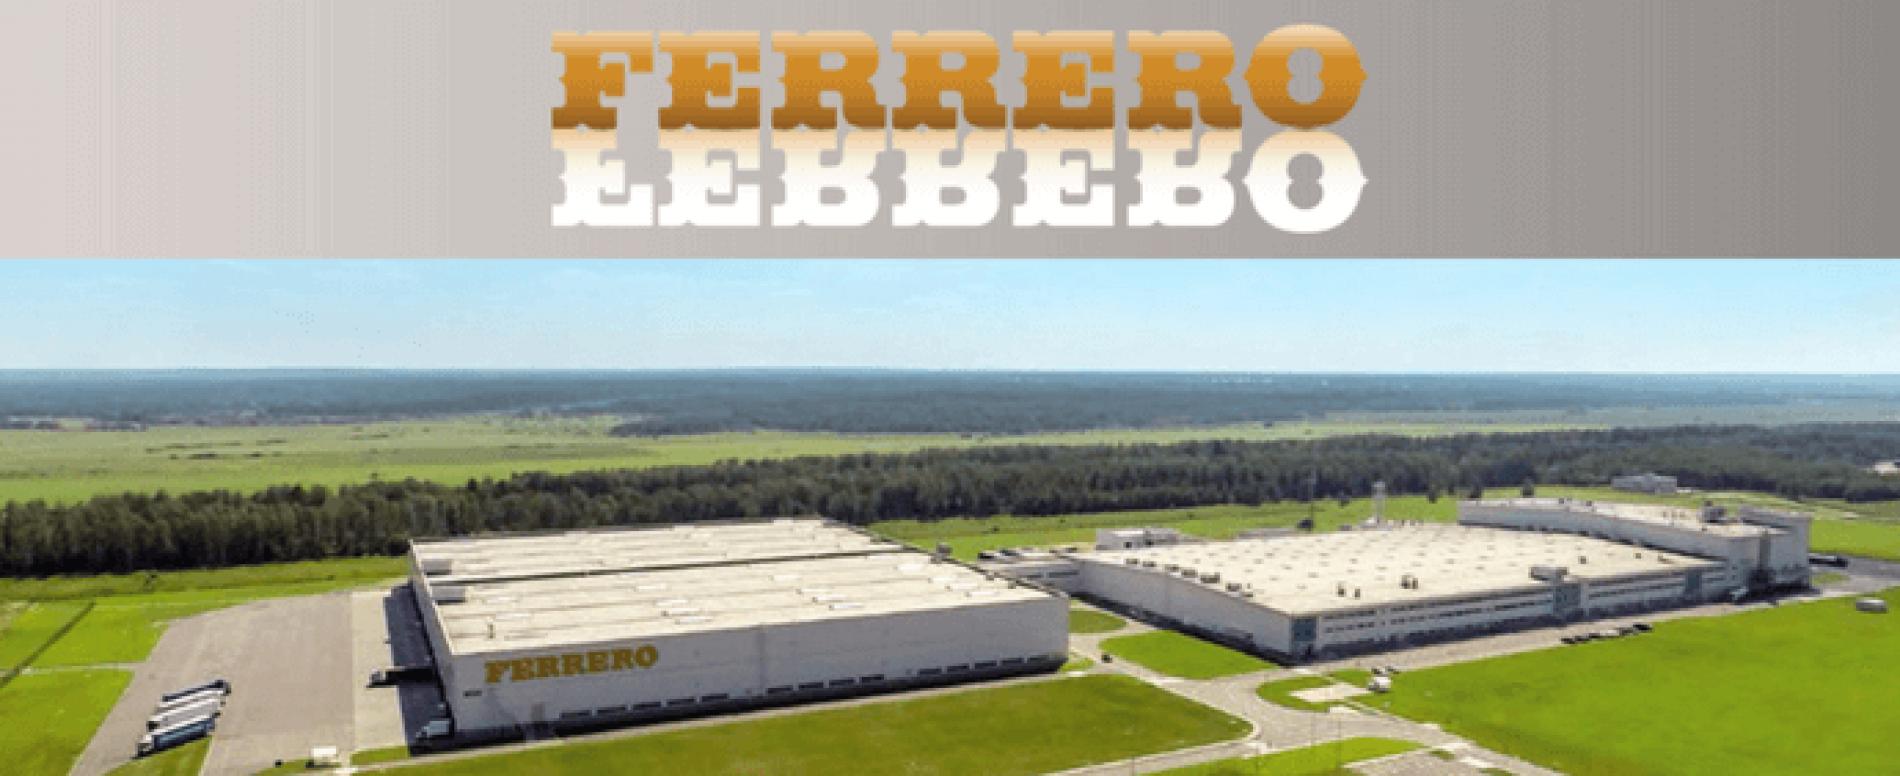 Bilancio 2017/2018 in crescita per tutte le società della holding Ferrero